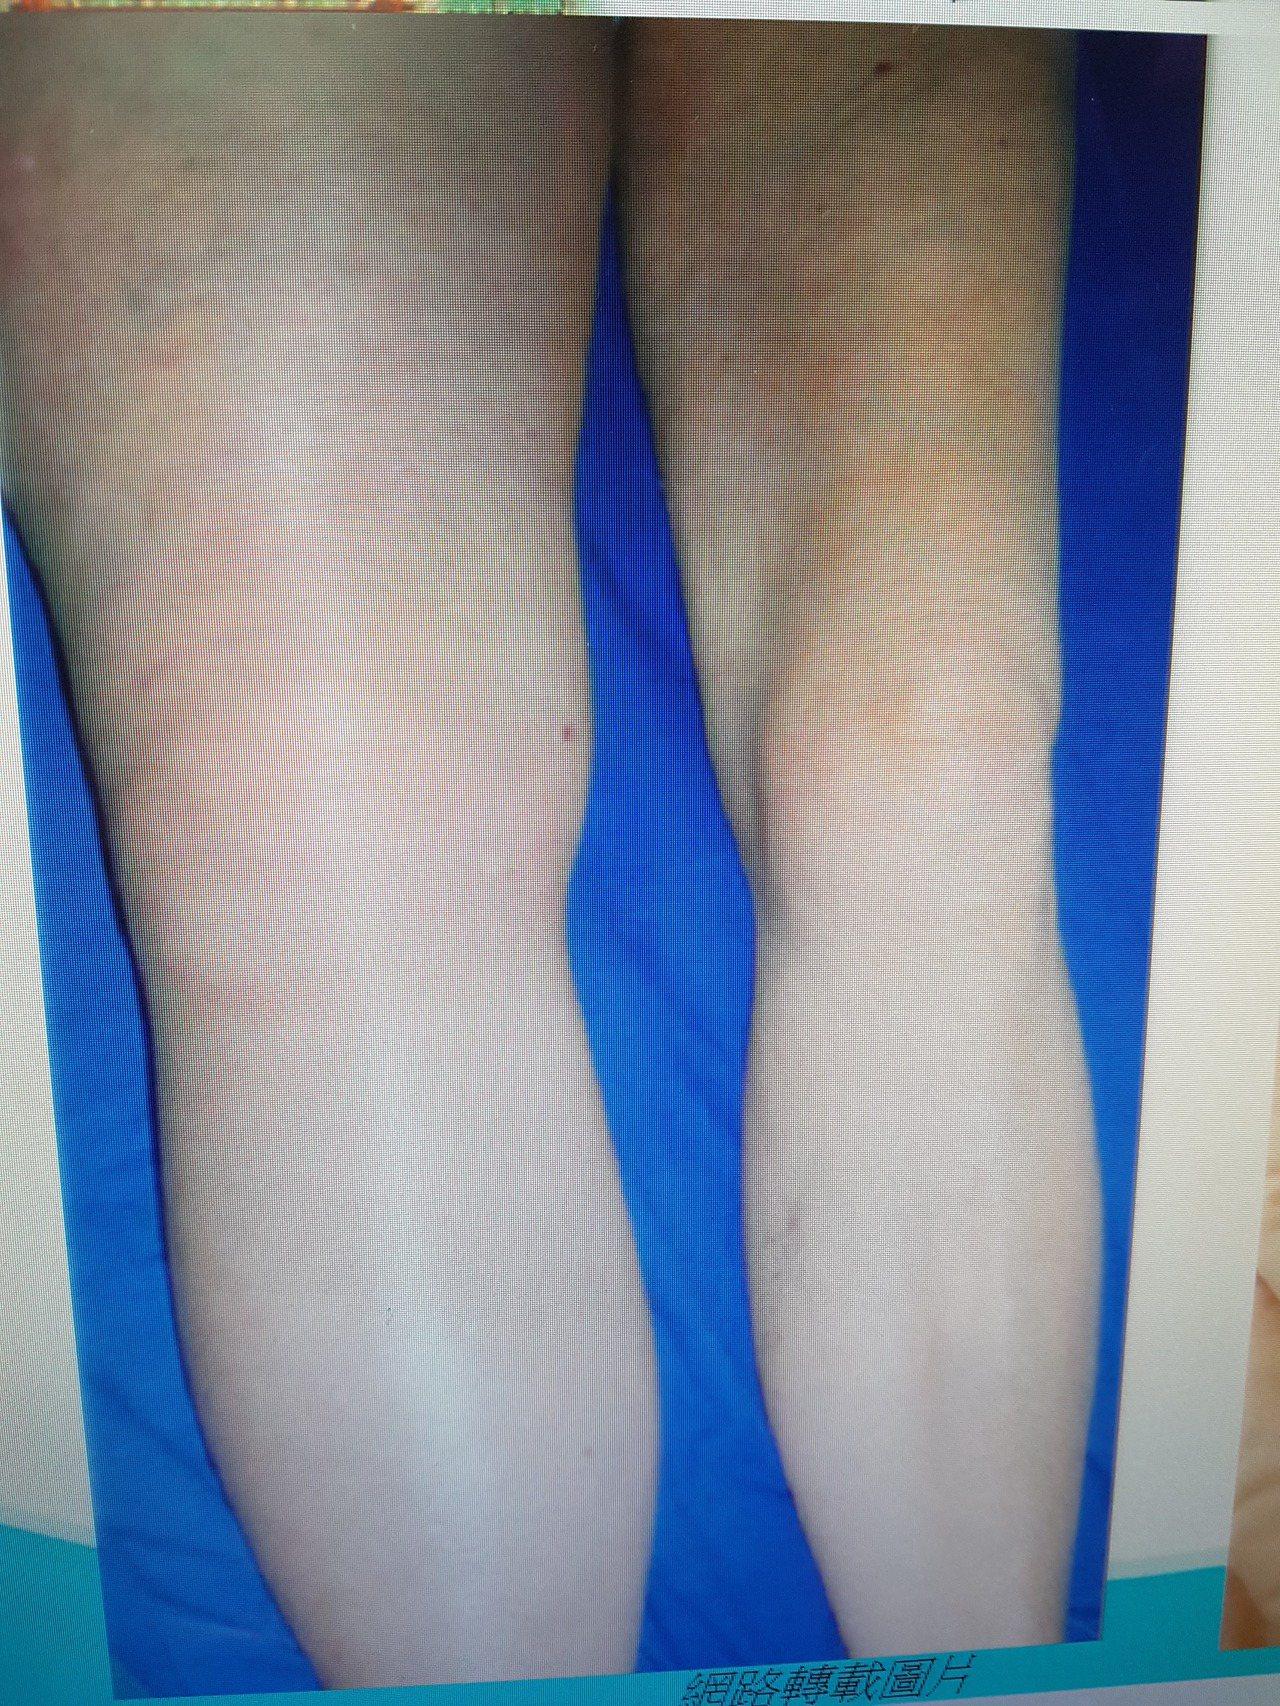 下肢靜脈栓塞可能會有單腳腫脹情況 記者修瑞瑩/翻攝